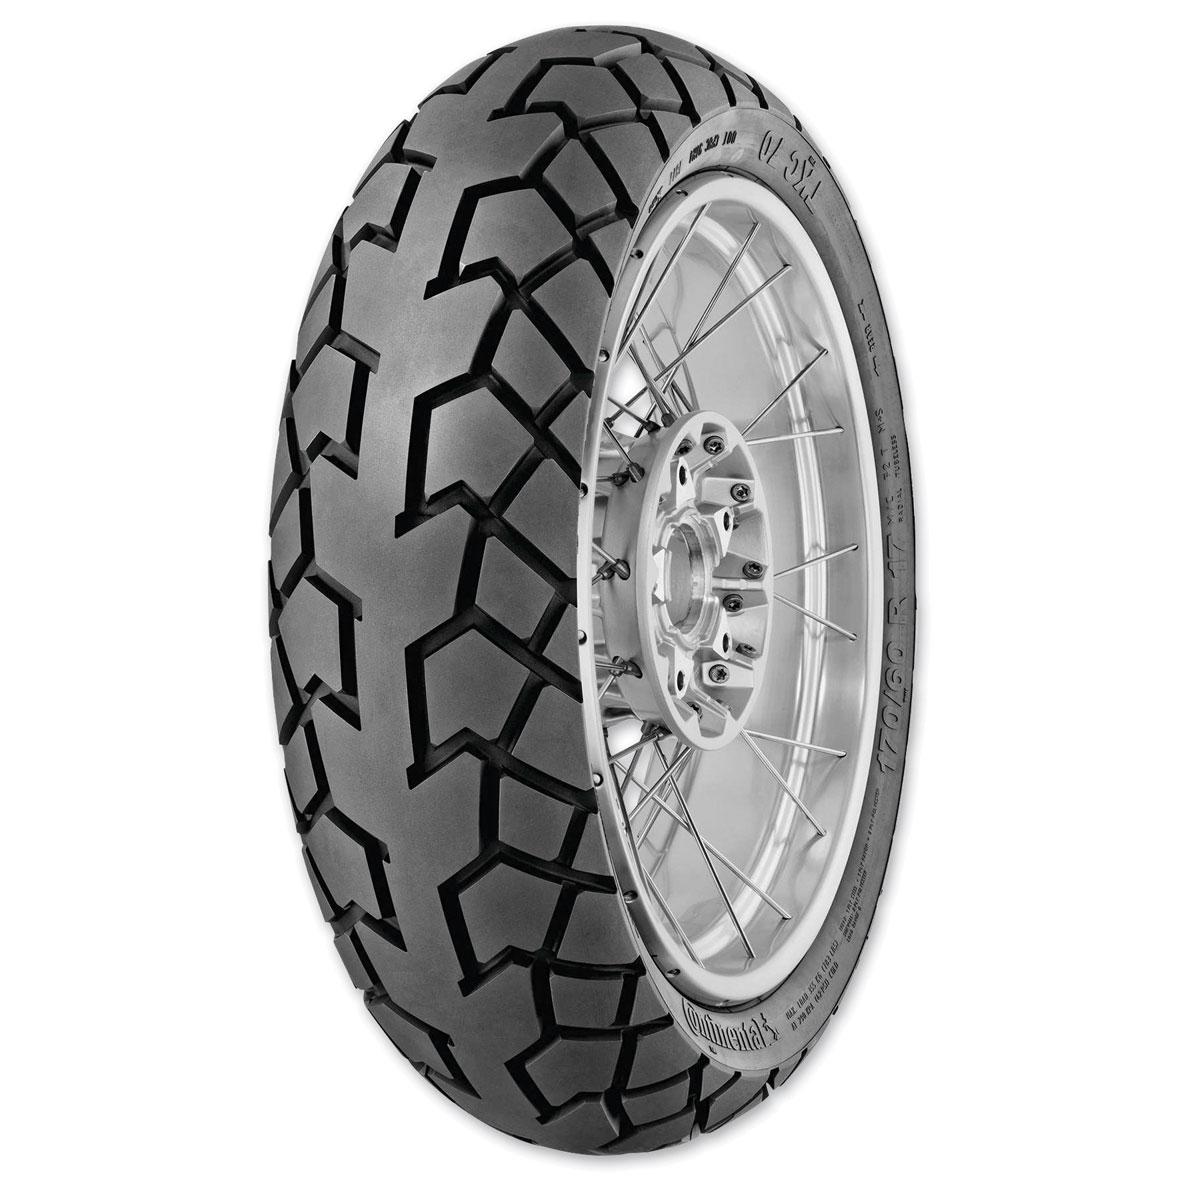 Continental TKC70 150/70R18 Rear Tire